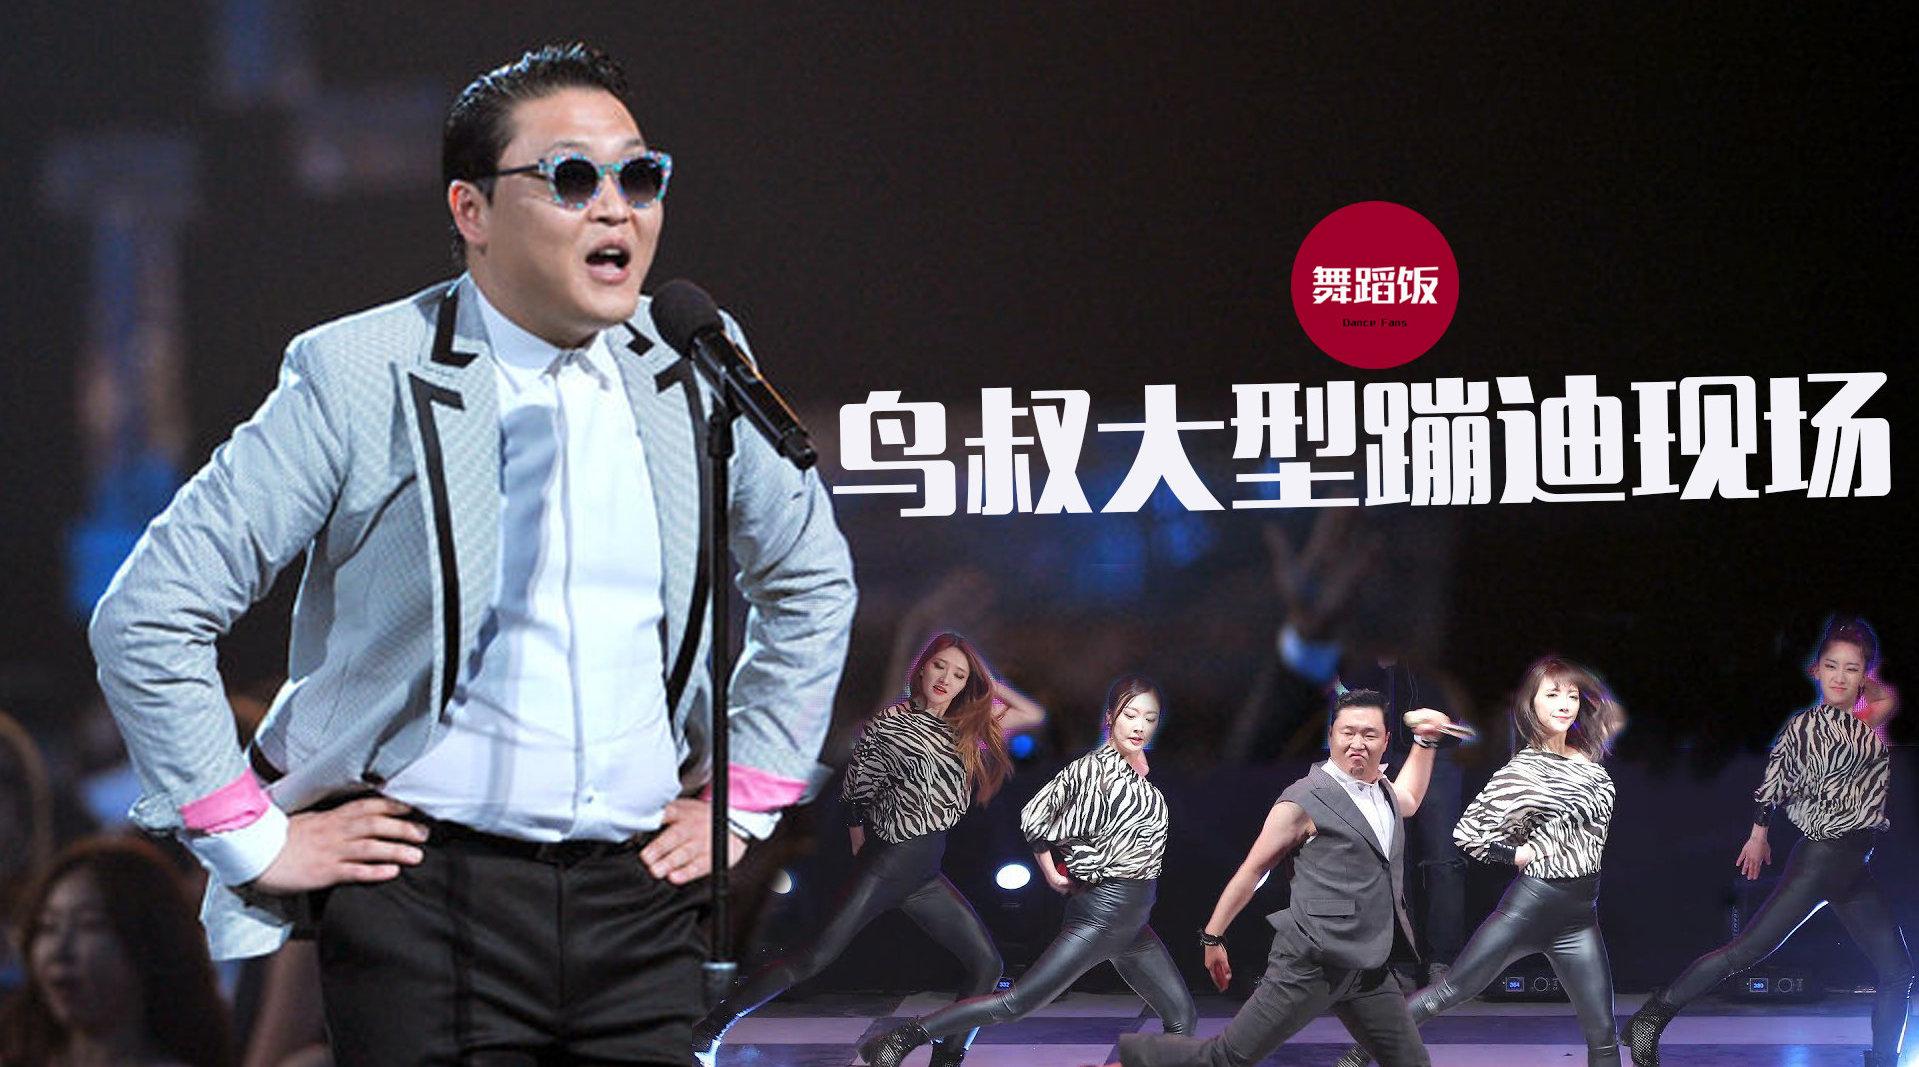 鸟叔PSY大型蹦迪现场特辑,如果你只知道《江南Style》就OUT啦!